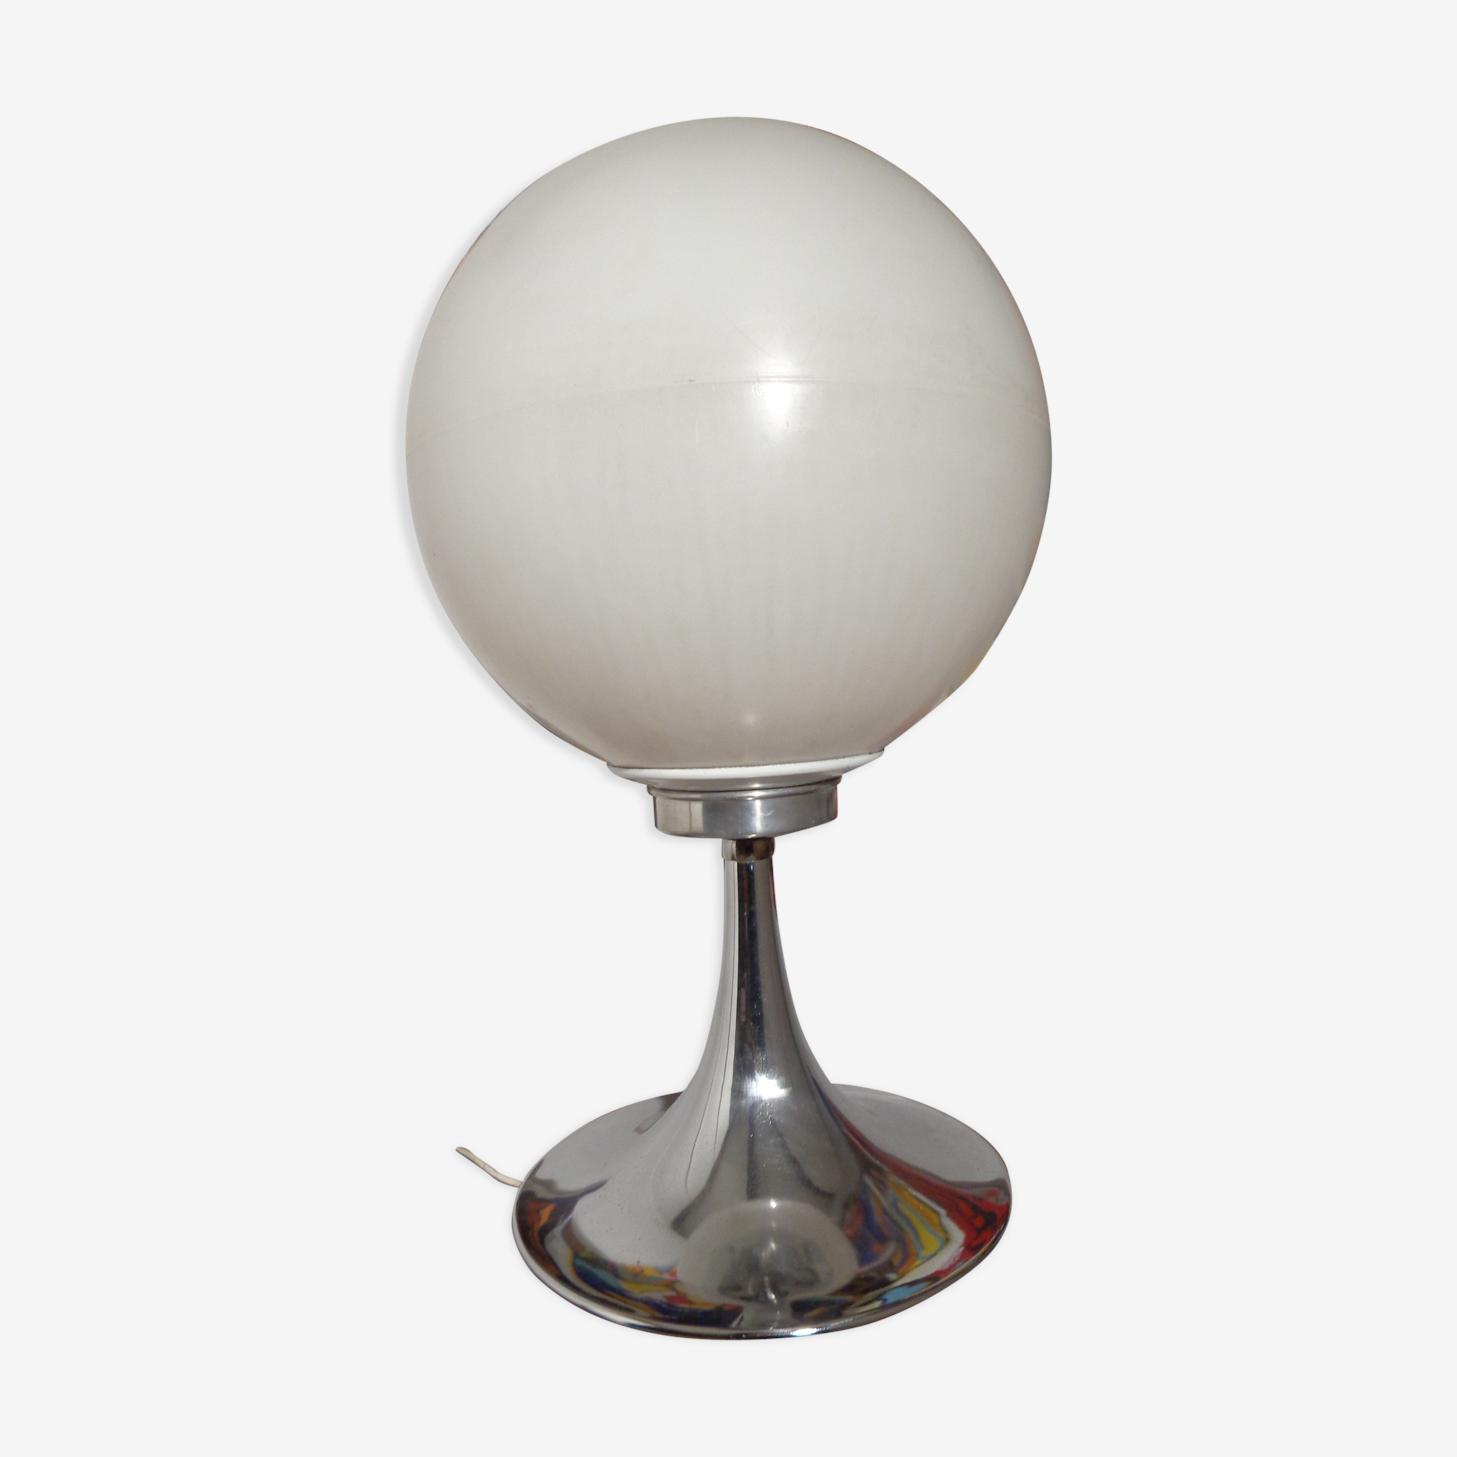 Lampe boule pied chromé tulipe des années 60